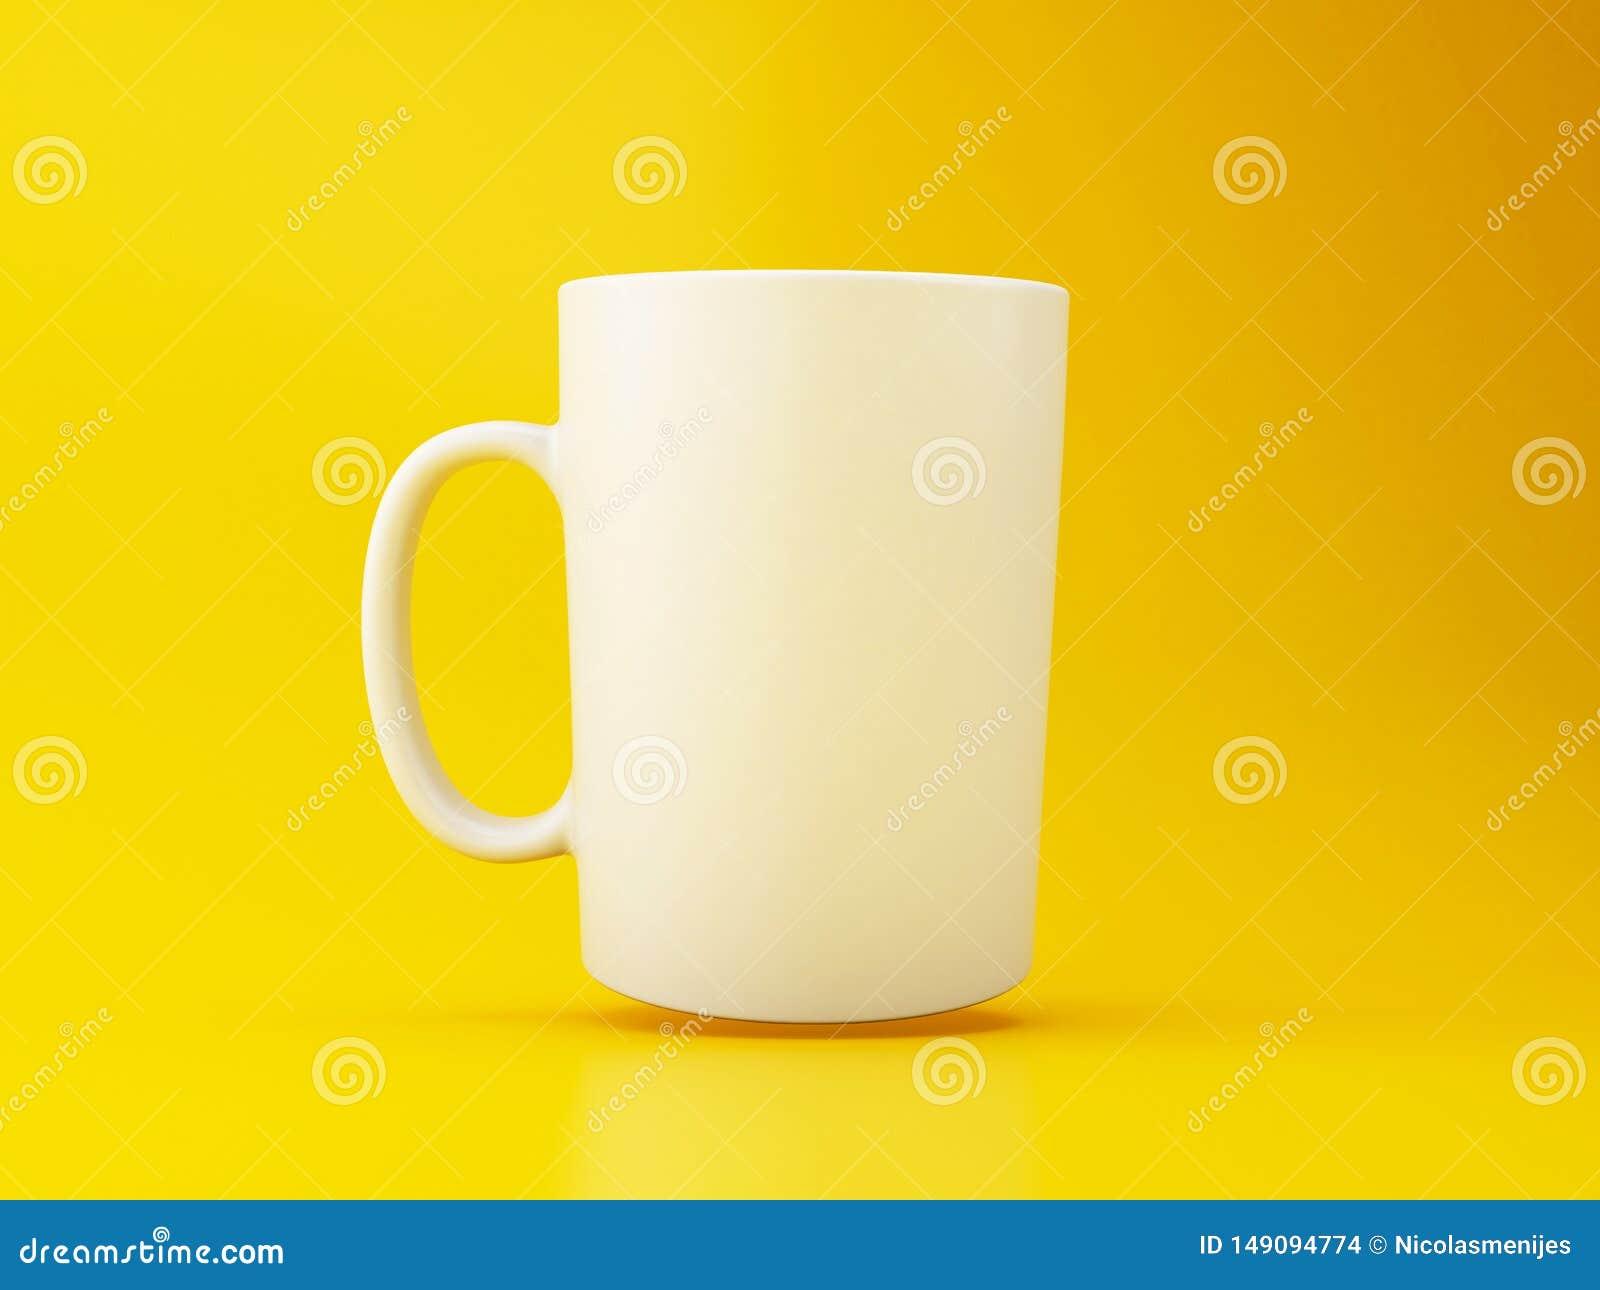 τρισδιάστατη άσπρη κούπα καφέ στο κίτρινο υπόβαθρο